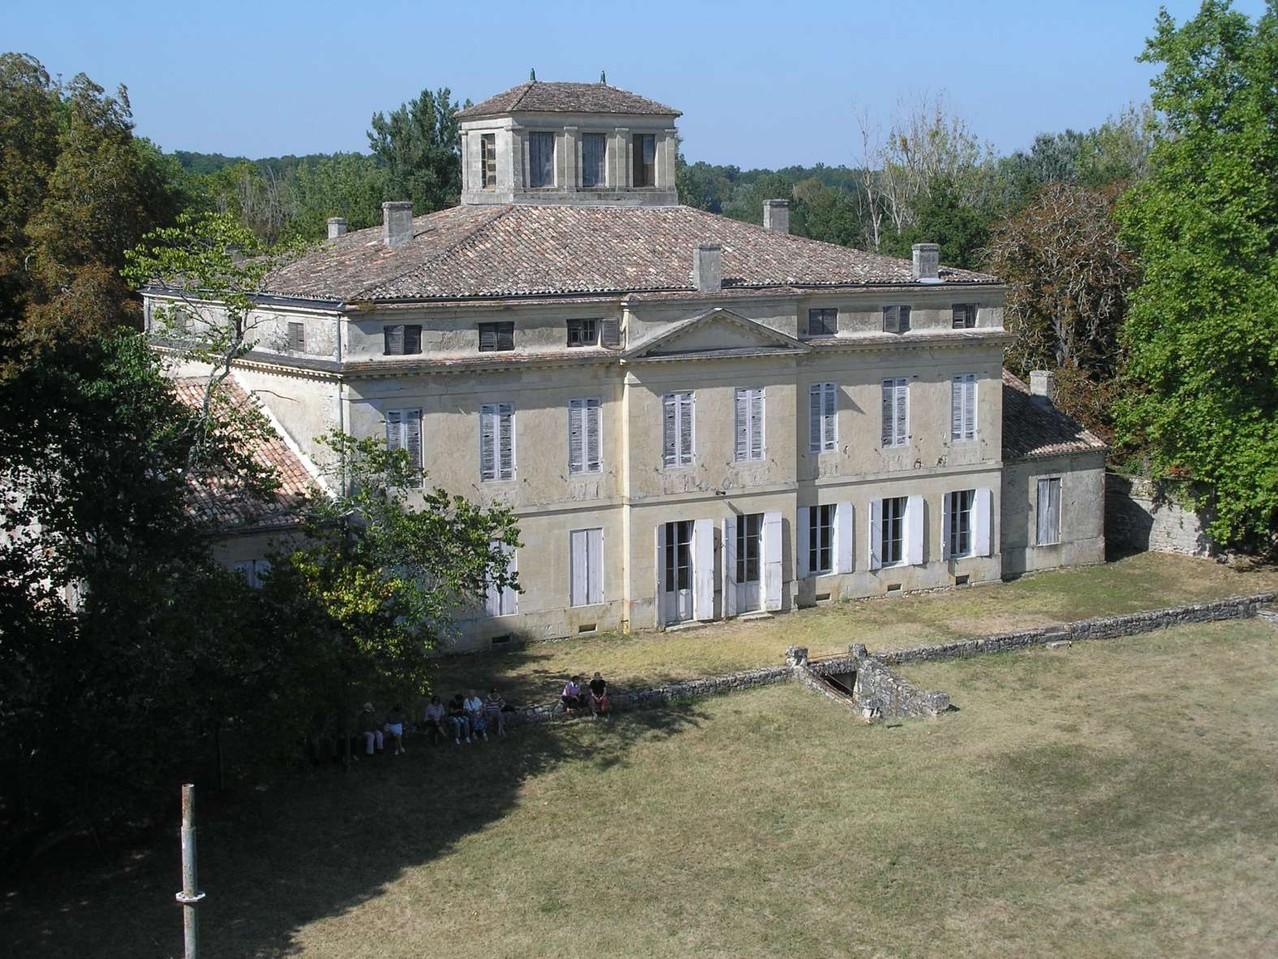 Castrum de Pommiers: maison bourgeoise de style médocain